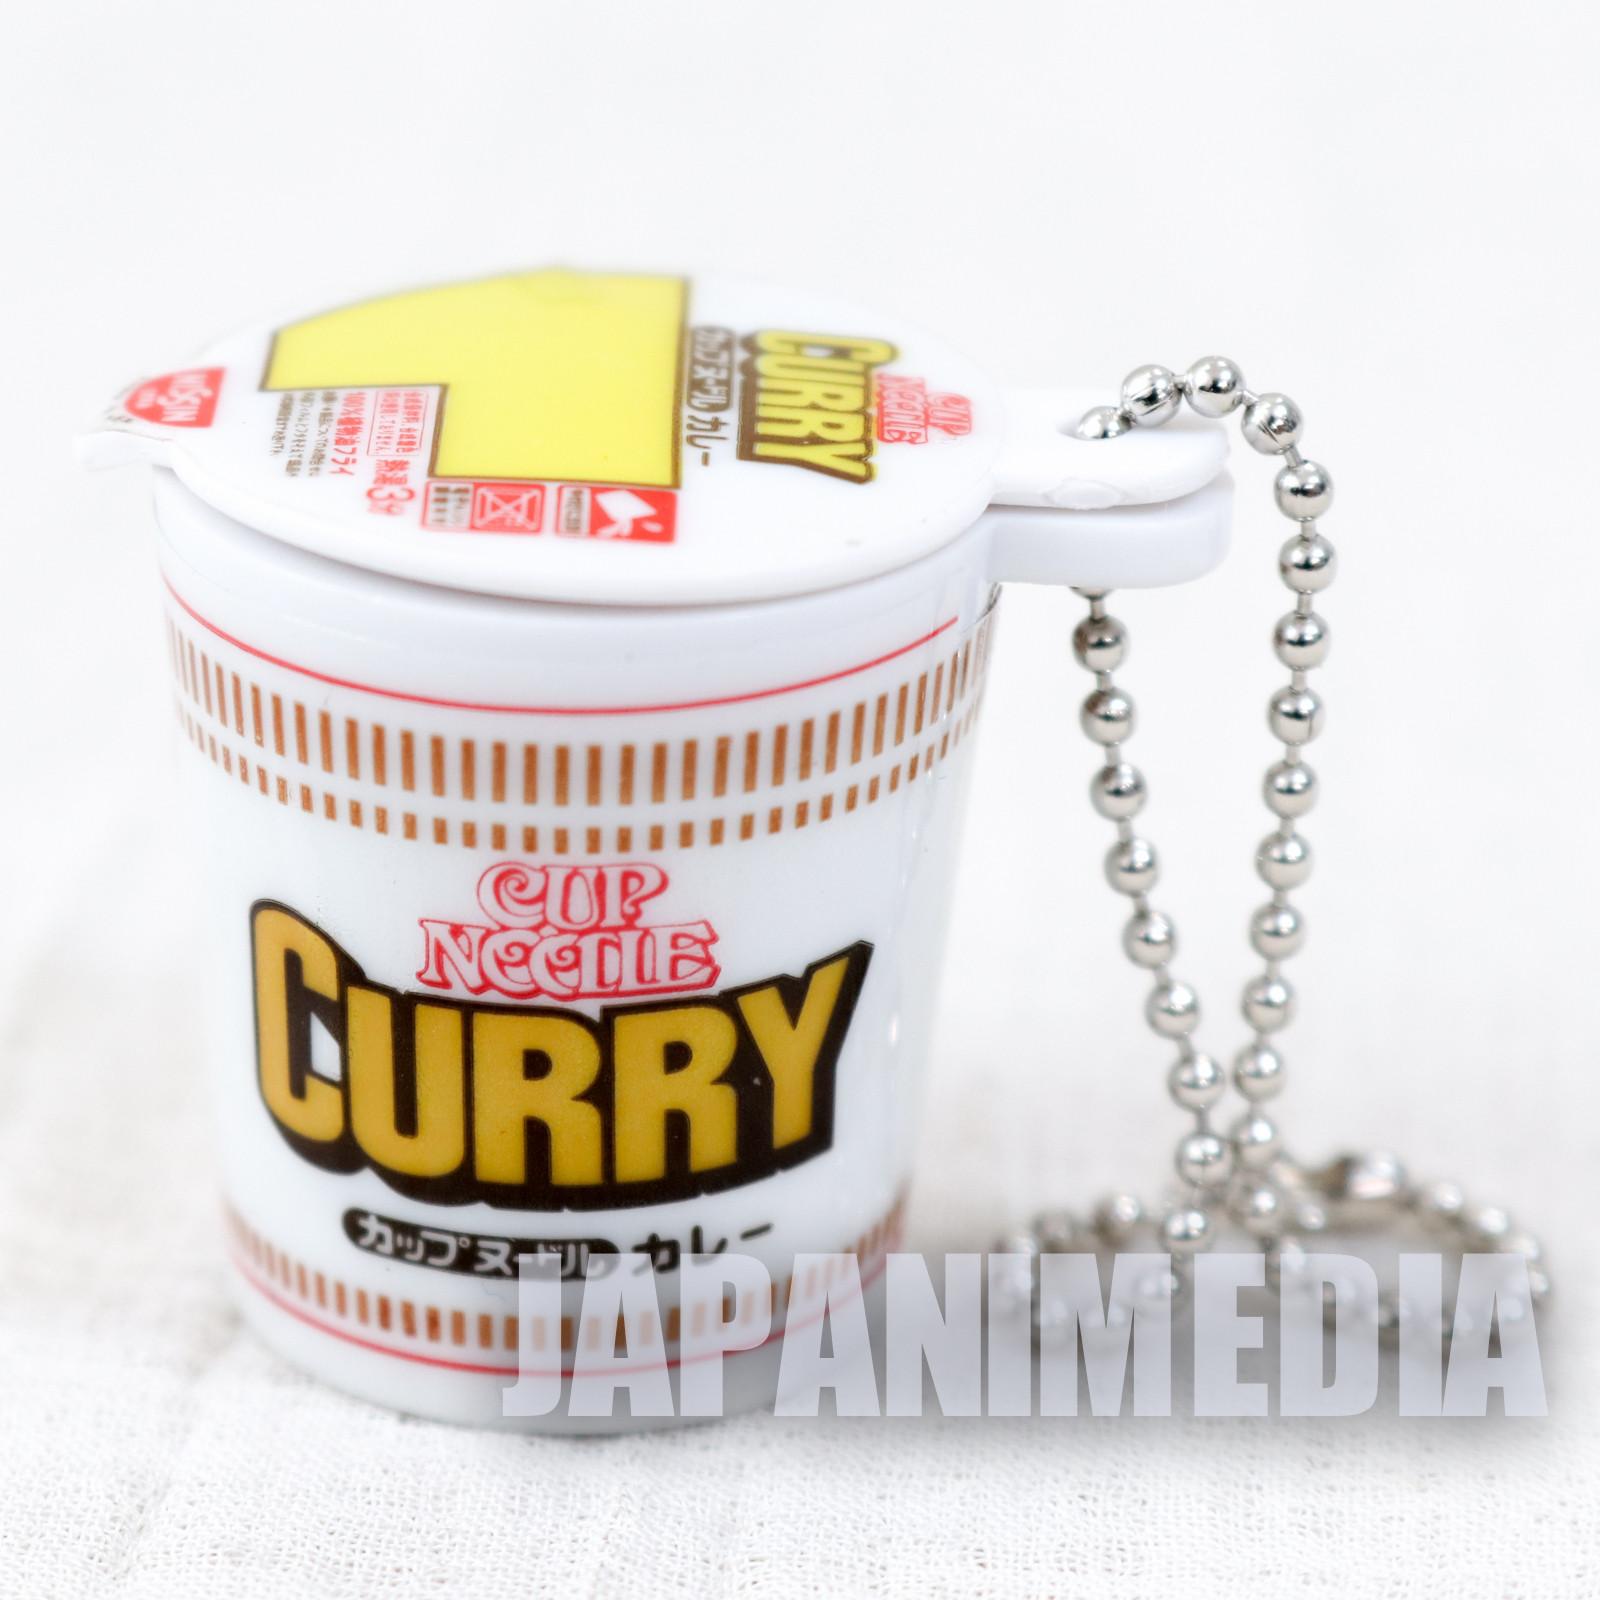 Nissin Cup Noodle Curry Miniature Mascot Figure Ballchain JAPAN